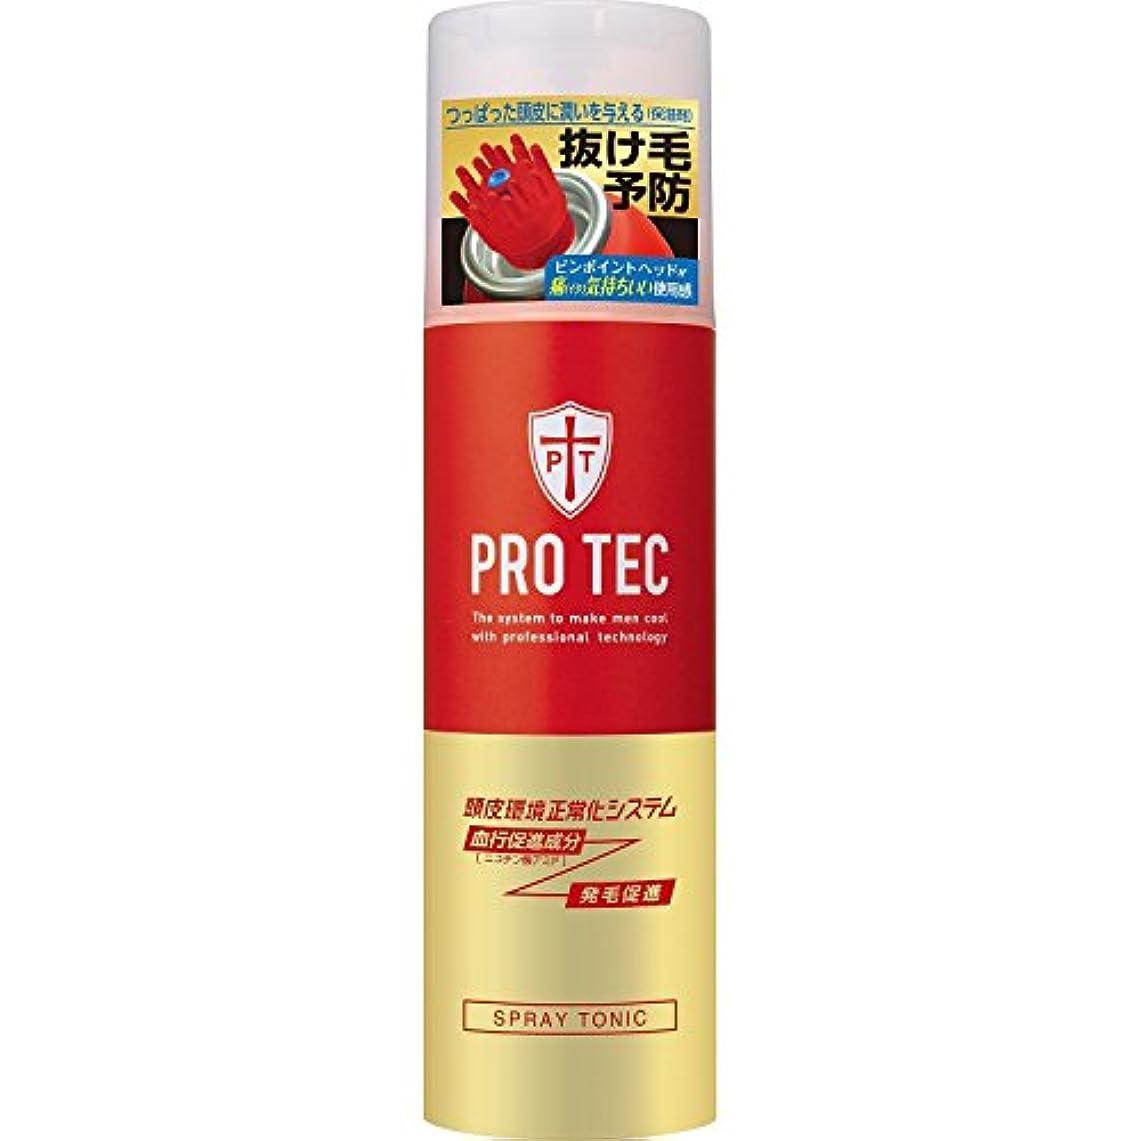 PRO TEC(プロテク) スプレートニック 150g (医薬部外品) ×20個セット